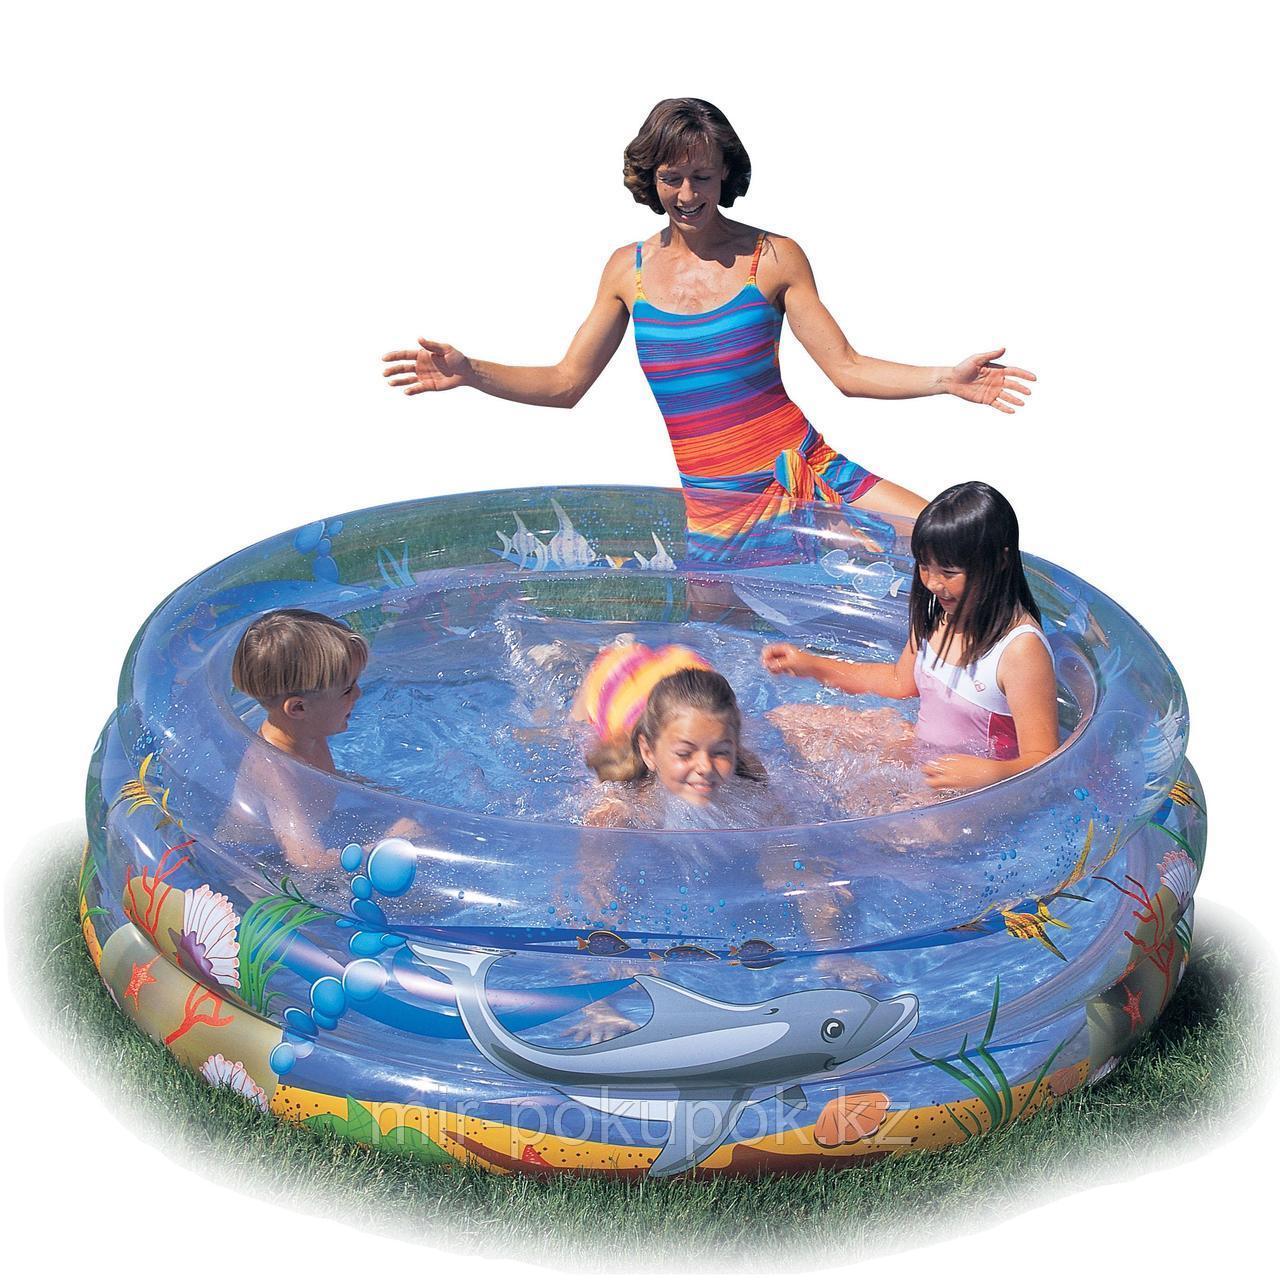 Детский надувной бассейн  Bestway «Морской мир» 51045 (150 х 53 см), Алматы